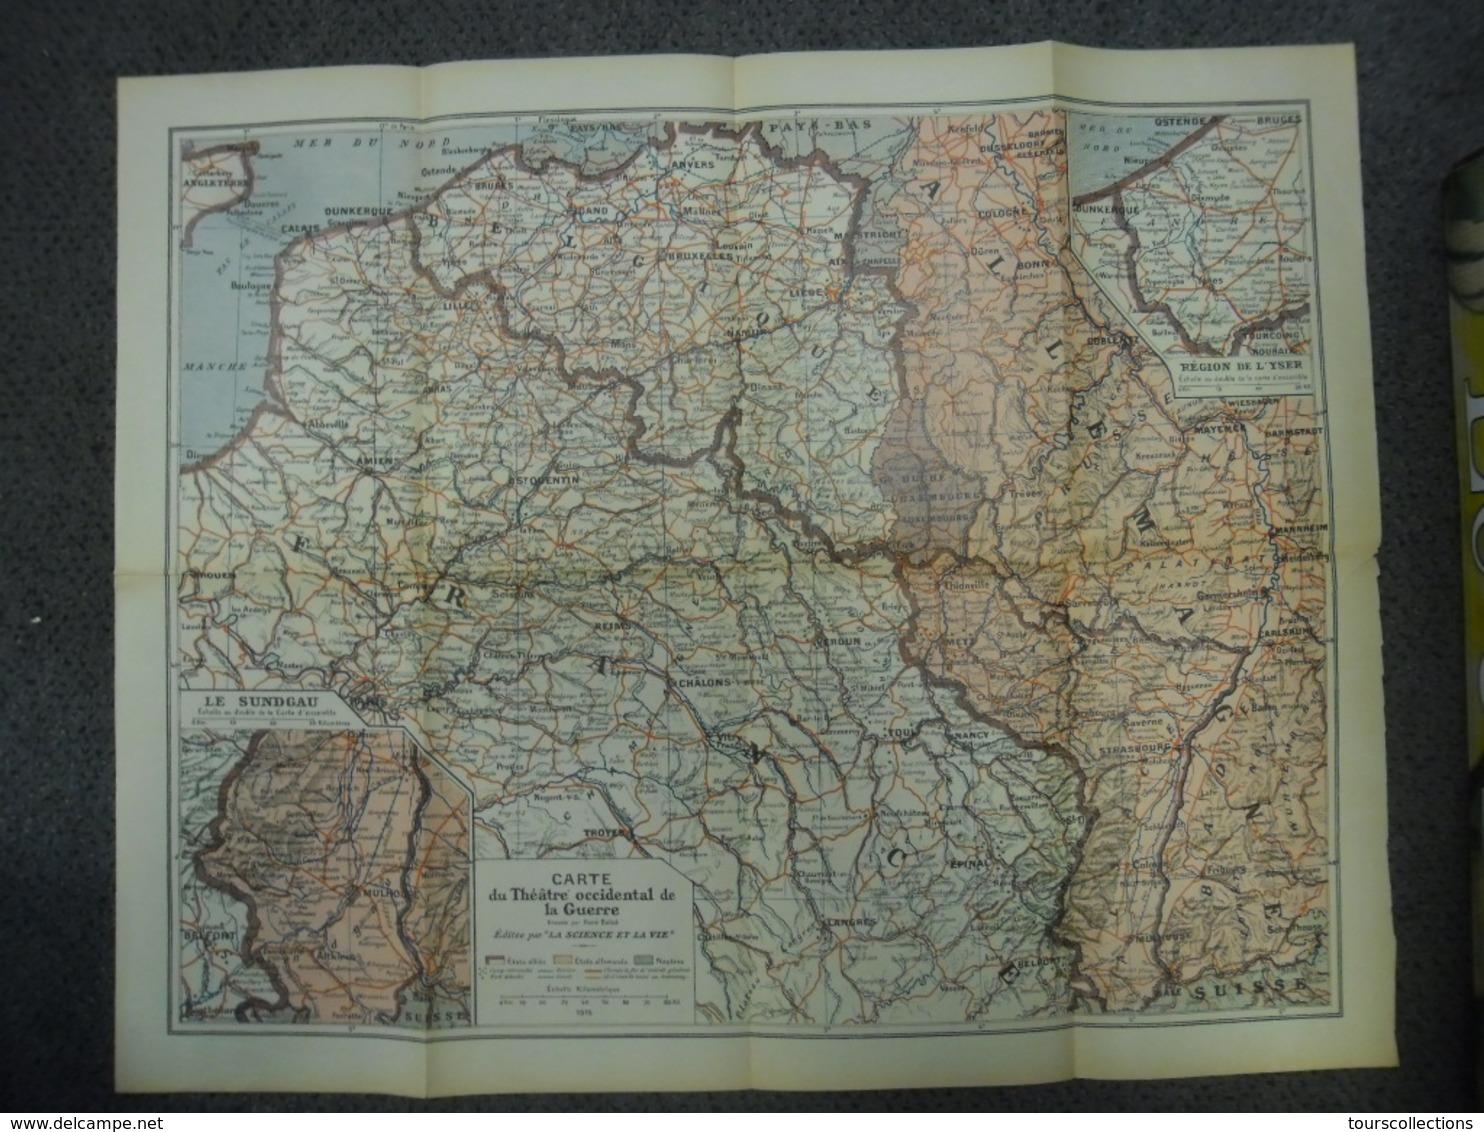 Carte De 1915 - GUERRE 1914 1915 Théâtre Occidental Du Conflit - Belgique France Allemagne Luxembourg - Centre à Verdun - Cartes Géographiques